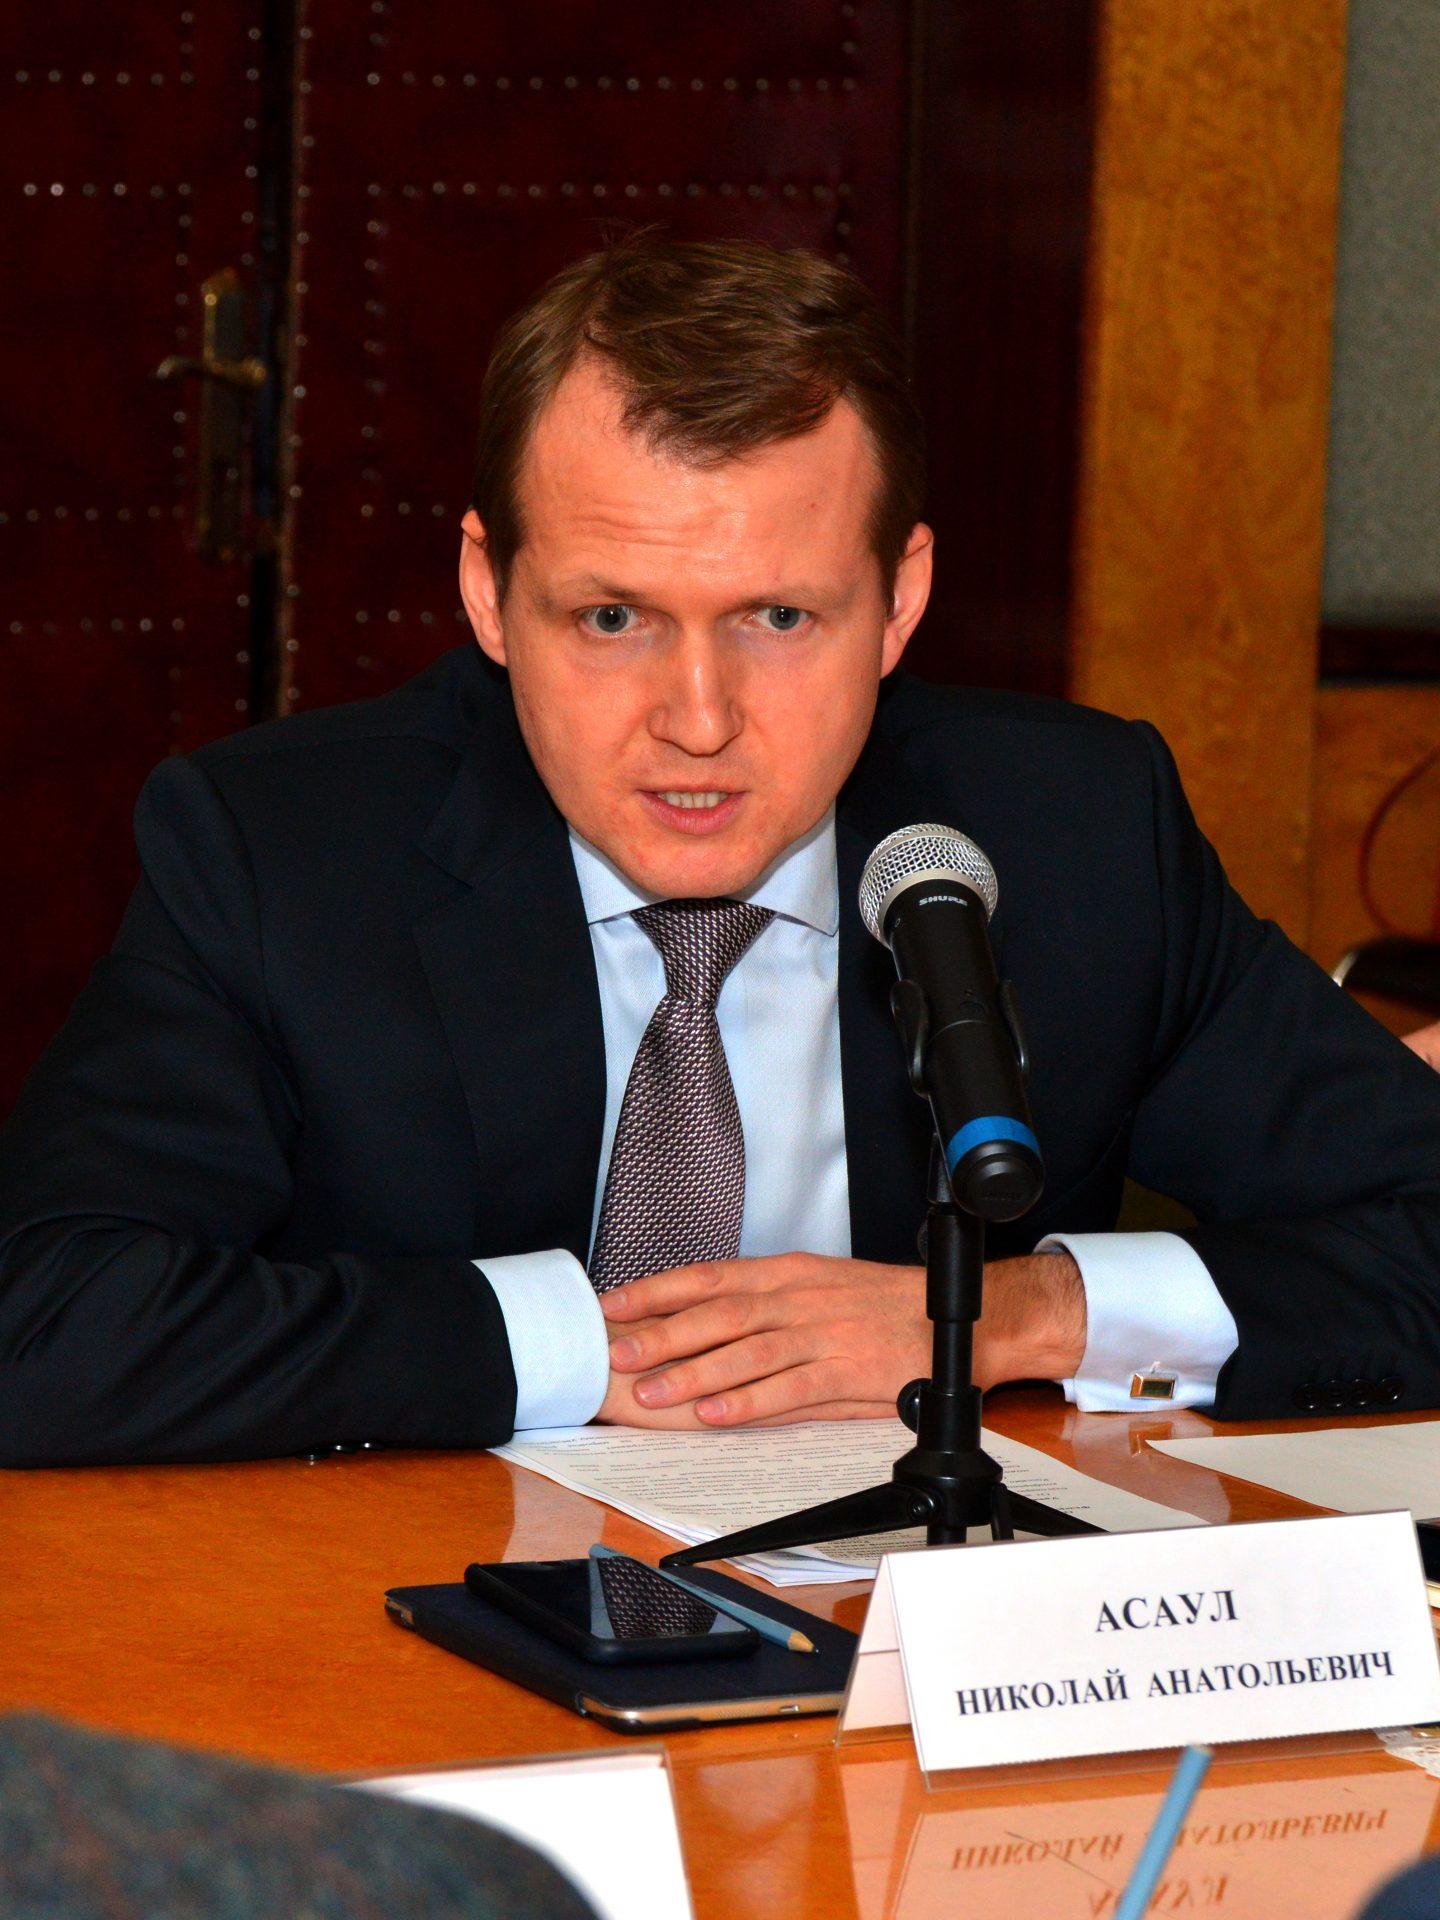 Асаул Николай Анатольевич